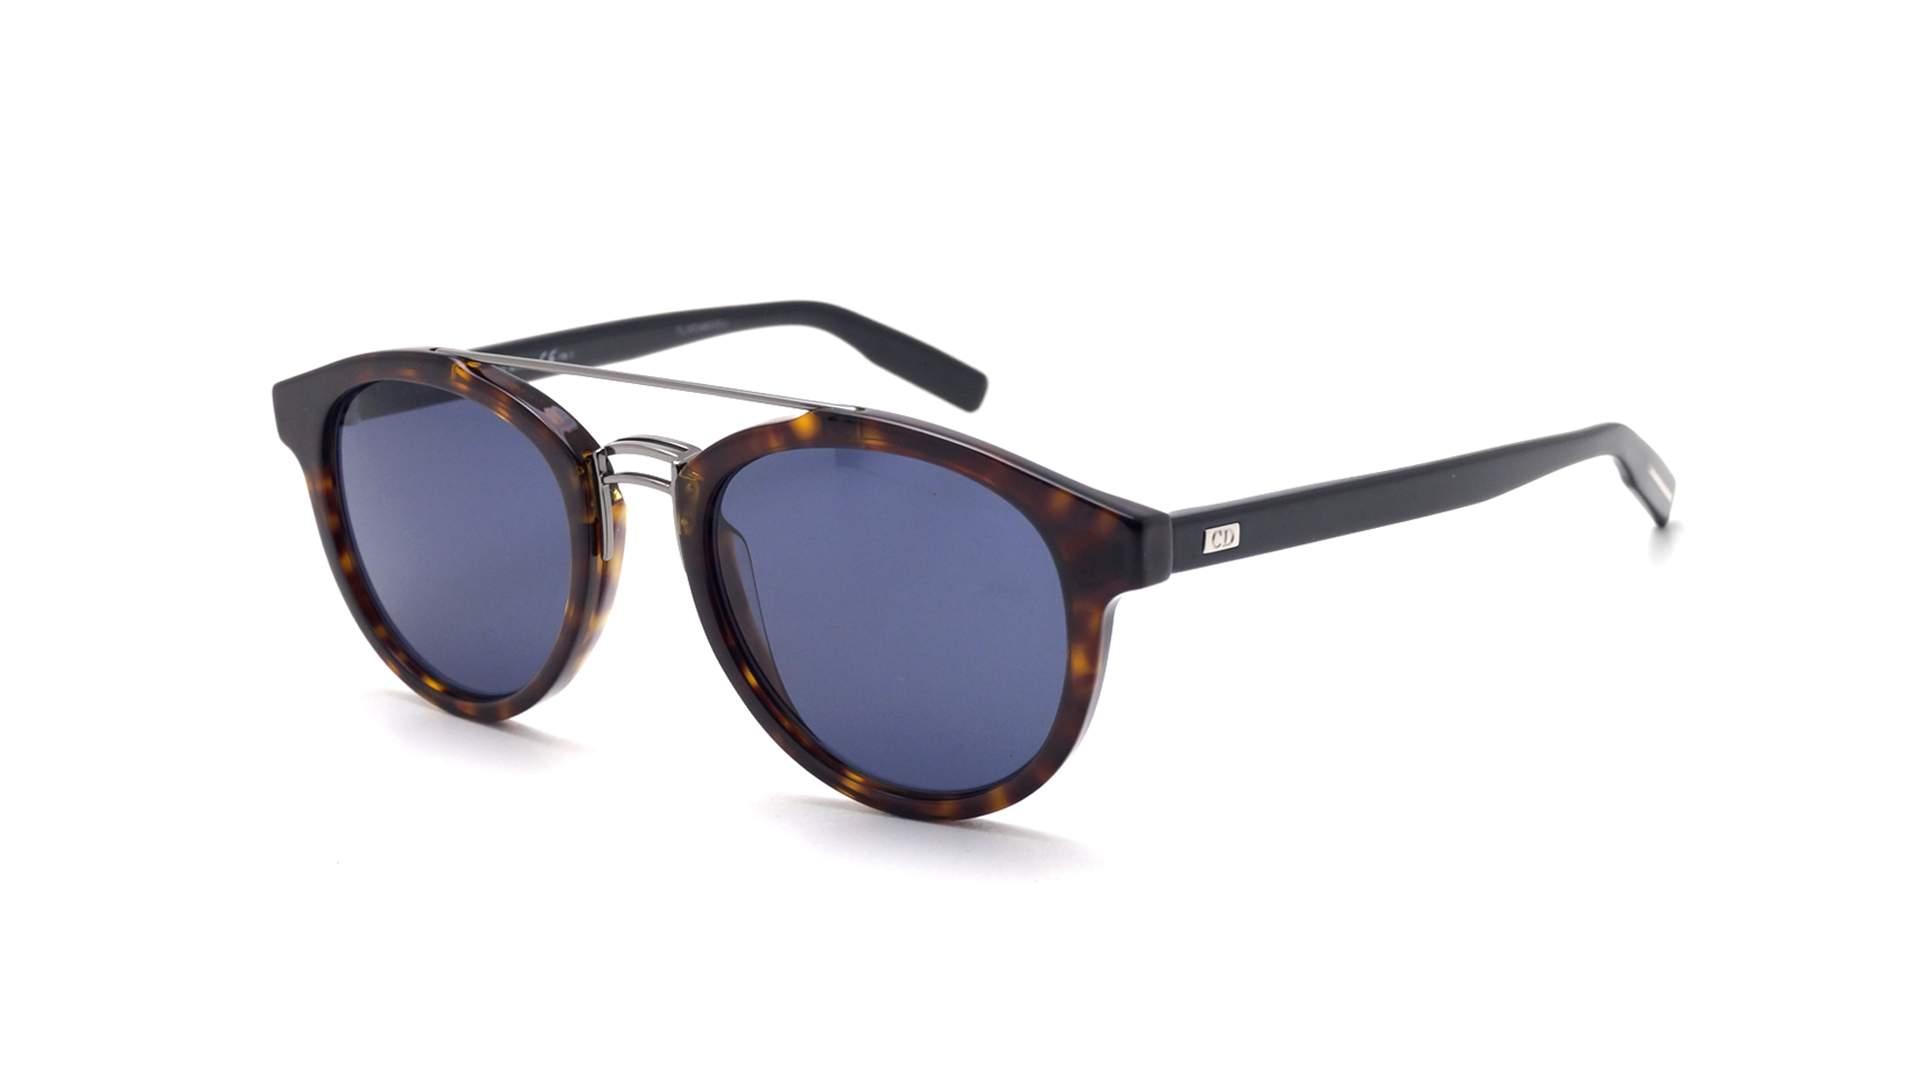 Lunettes de soleil Dior Blacktie231s 231s Écaille BLACKTIE231S KVXKU 51-21  Medium e6b9fb10bc85